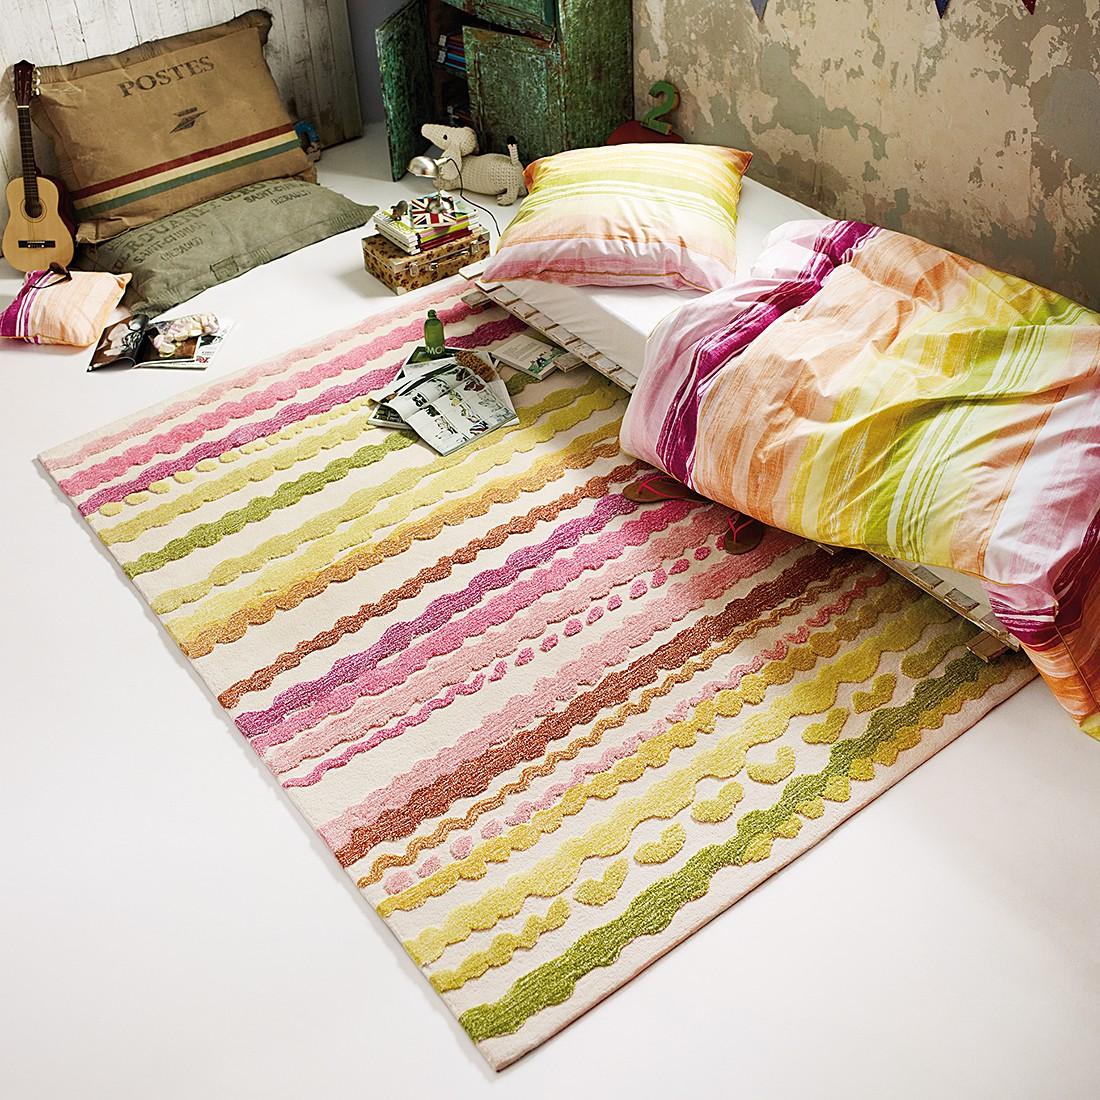 Teppich Paths of Fantasy – Beige – 70 cm x 140 cm, Esprit Home online bestellen